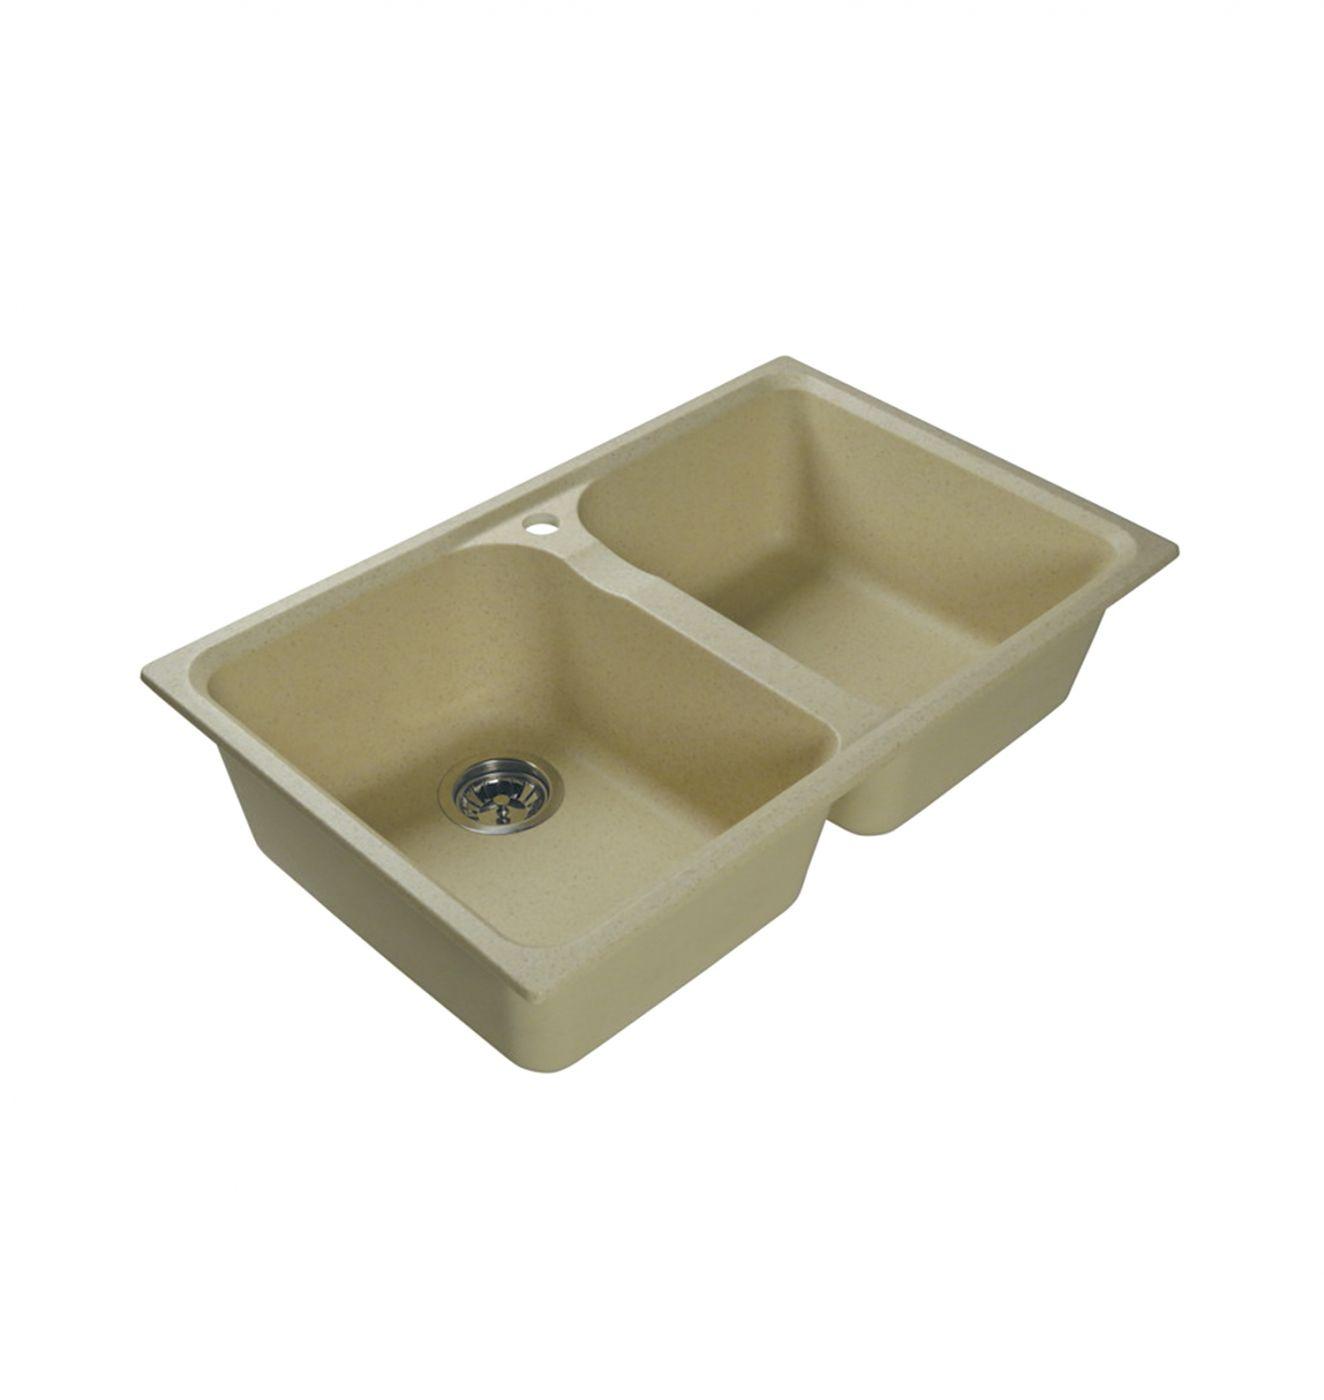 Врезная кухонная мойка LEX Constance 780 Ivory  78х49см искусственный мрамор RULE000124